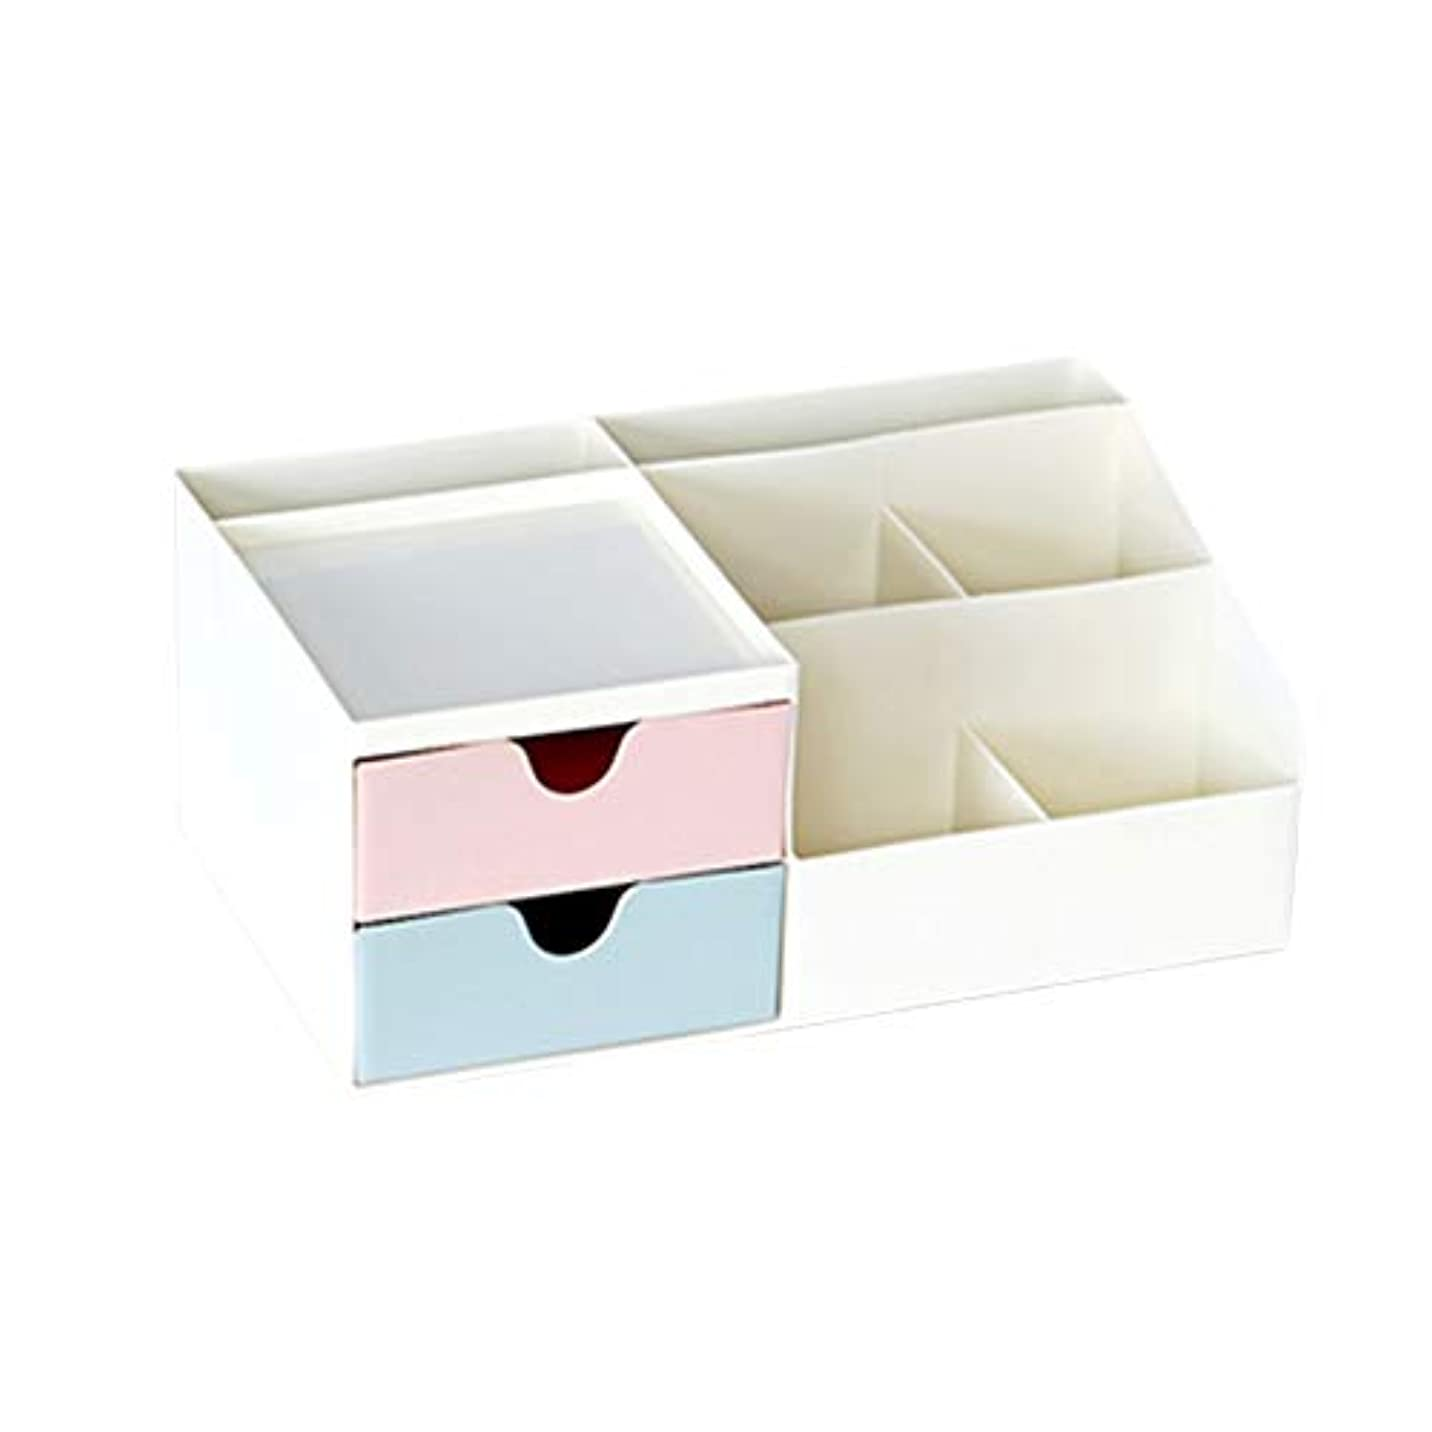 上流のアラブサラボ宅配便[ユリカー] 化粧品収納ボックス 卓上収納 コスメボックス 引き出し 安定 メイクボックス シンプル 大容量 小物入れ スキンケア用品 ジュエリーケース 防水 まとめ収納 ピンク+グリーン